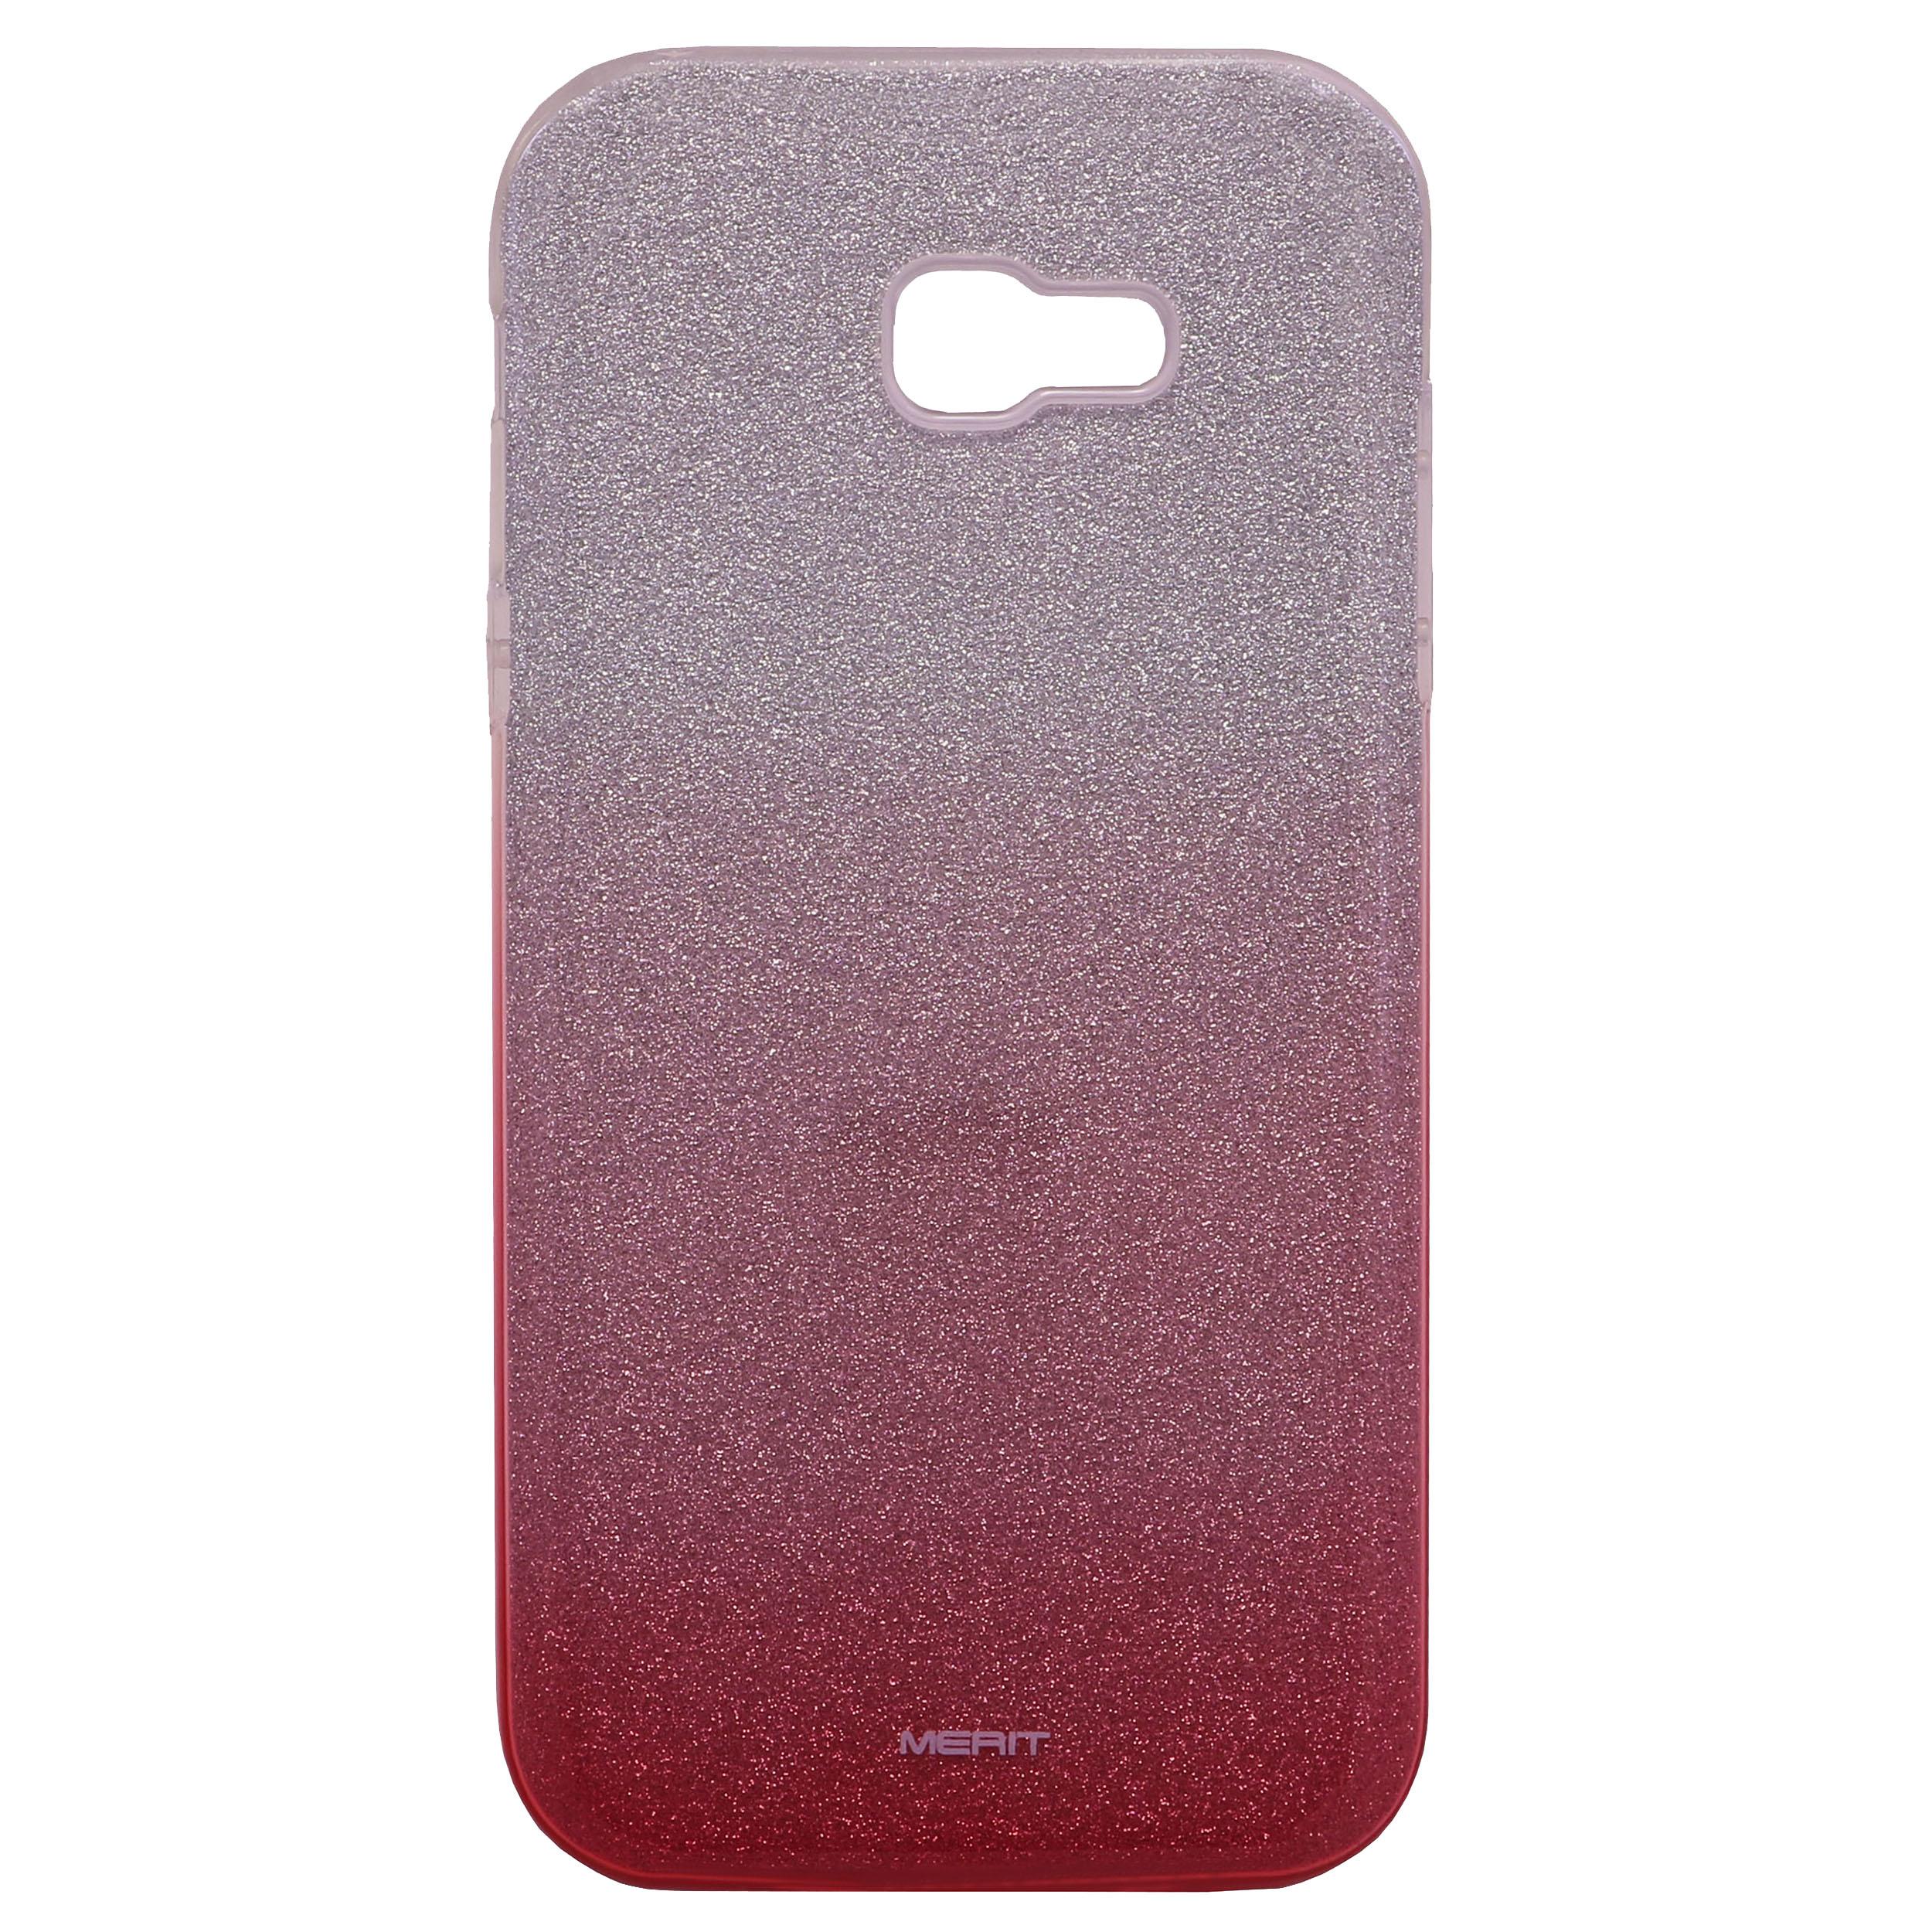 کاور مریت طرح اکلیلی کد 9804105131 مناسب برای گوشی موبایل سامسونگ Galaxy J7 Prime